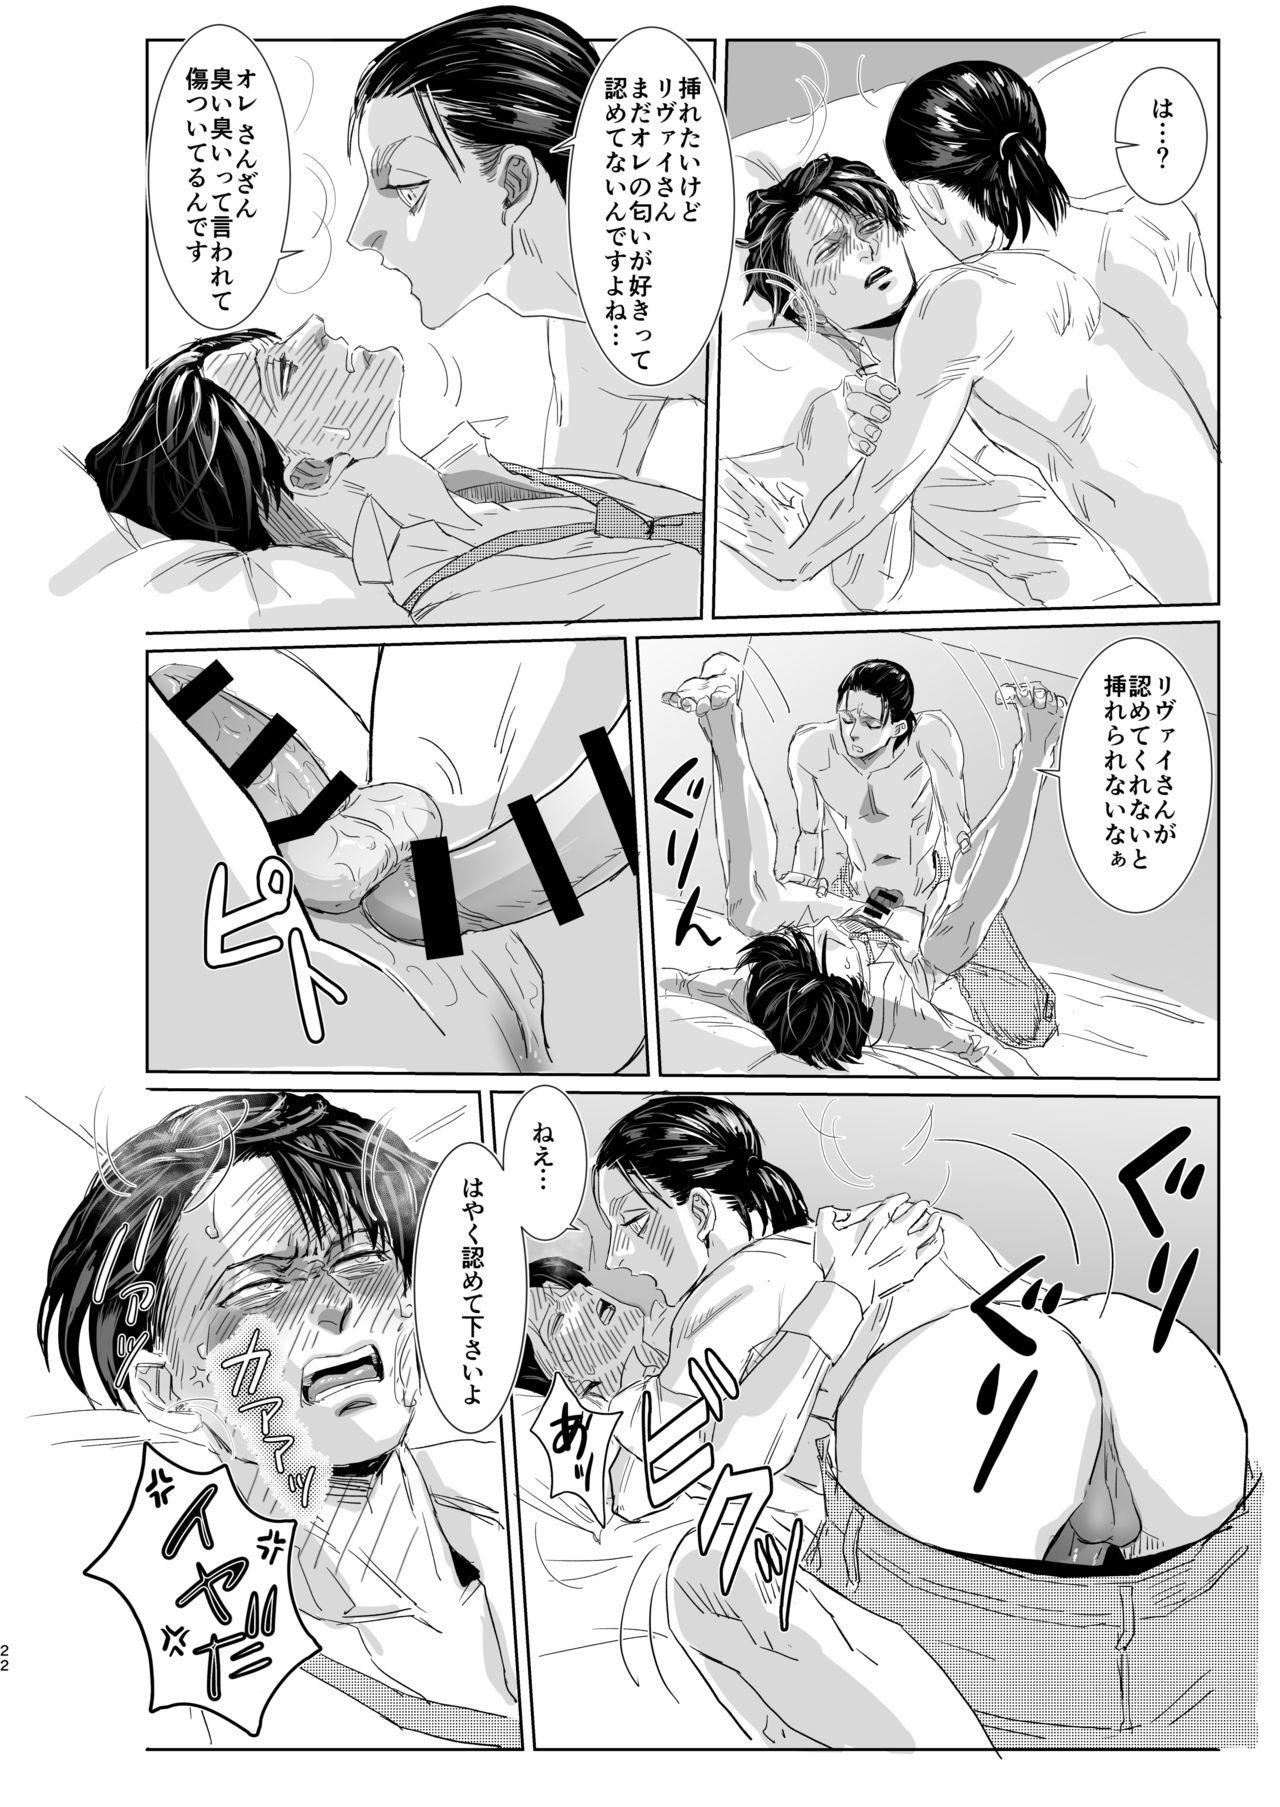 Ore no Kareshi ga Ore no Nioi o Sukisugite Komaru! 20